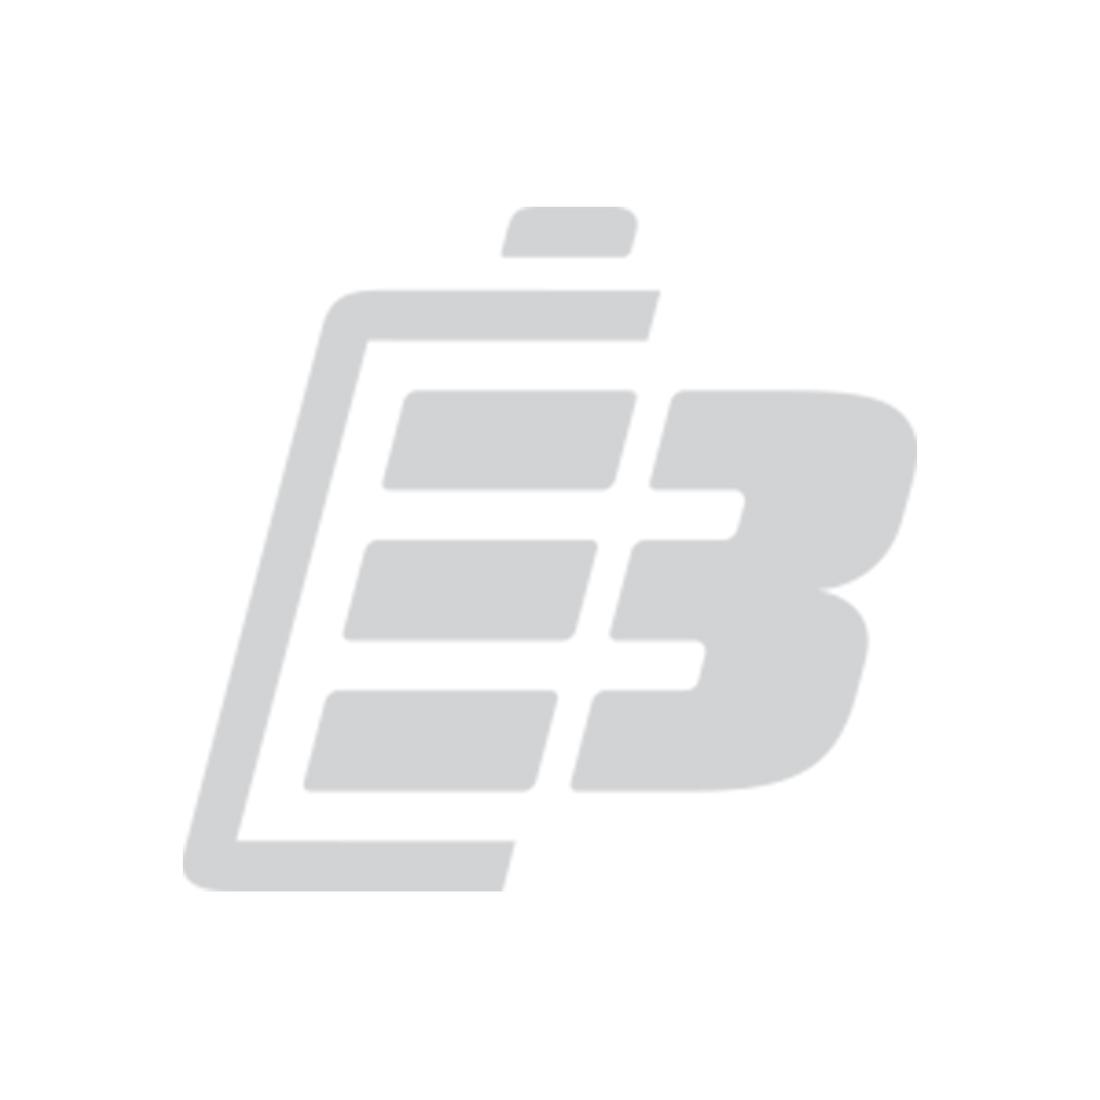 Μπαταρία κινητού τηλεφώνου LG KM500_1